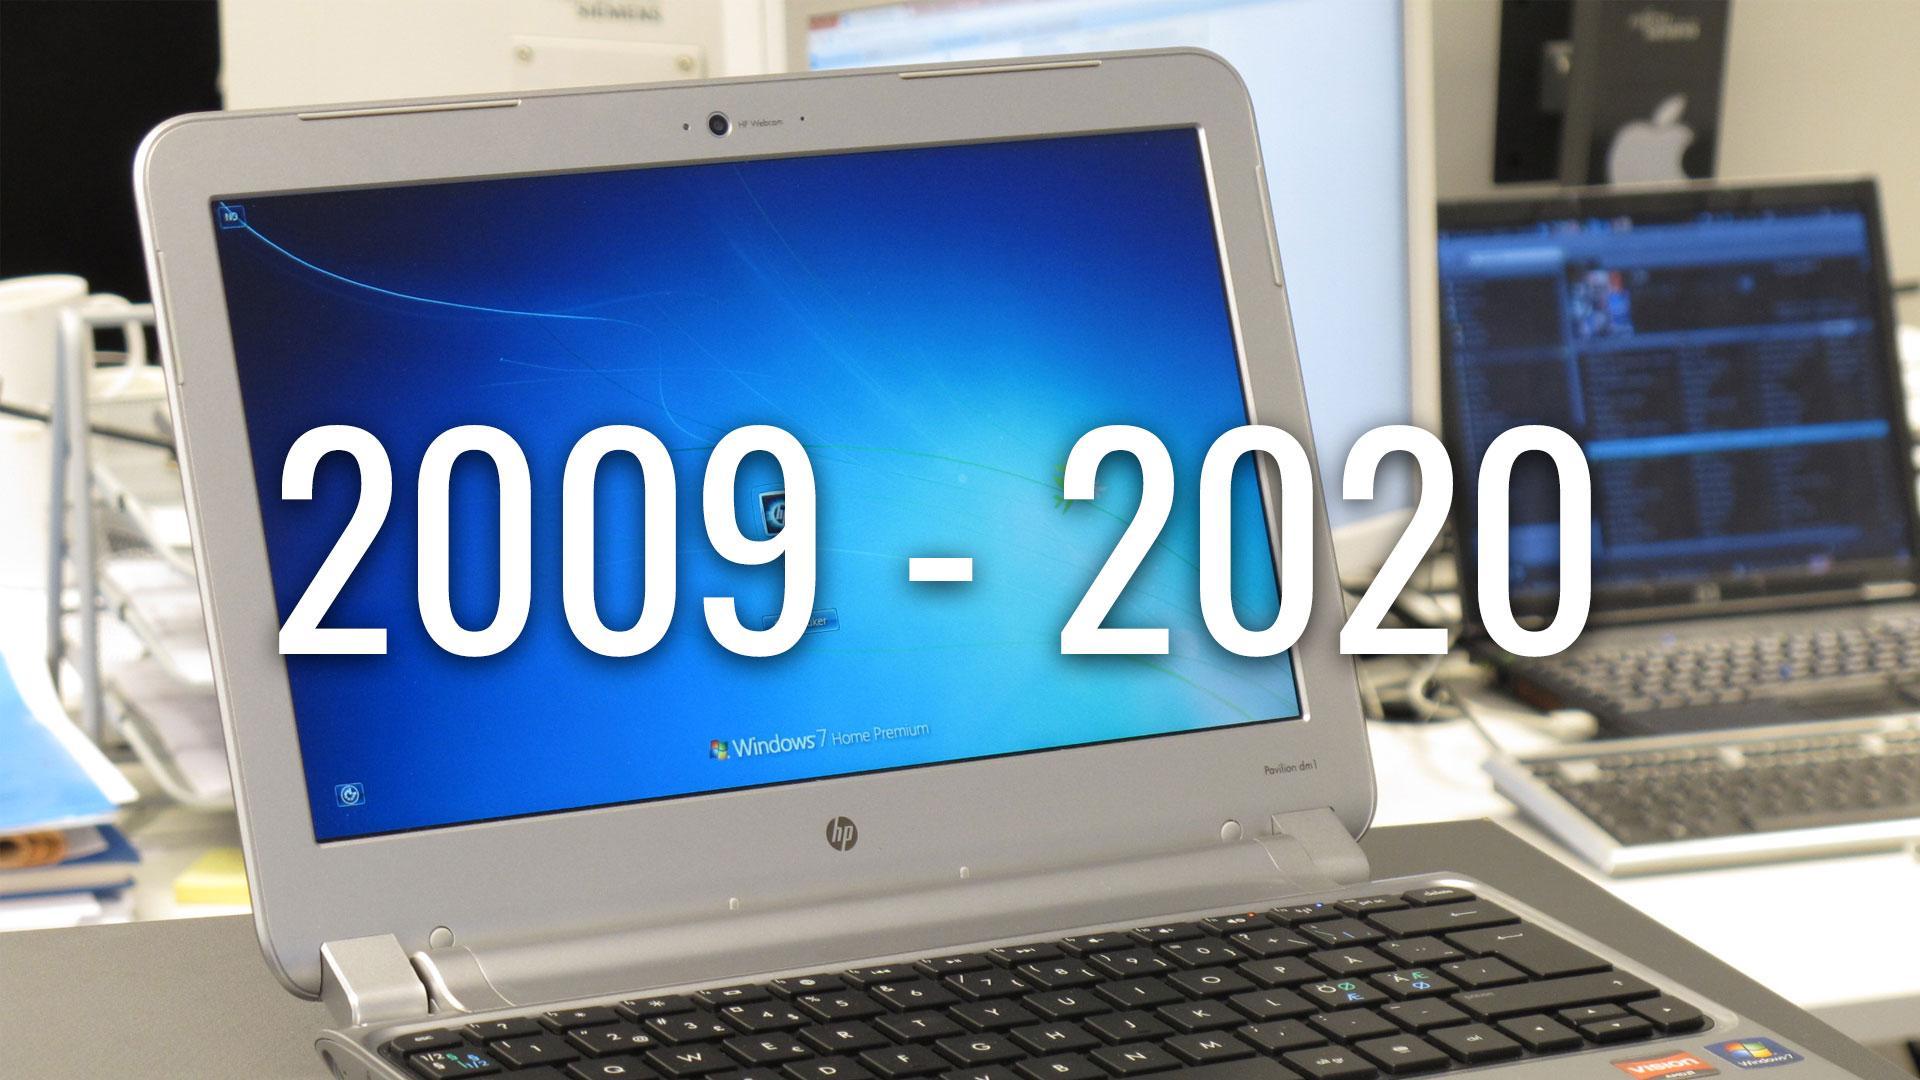 Nå er det slutt for Windows 7